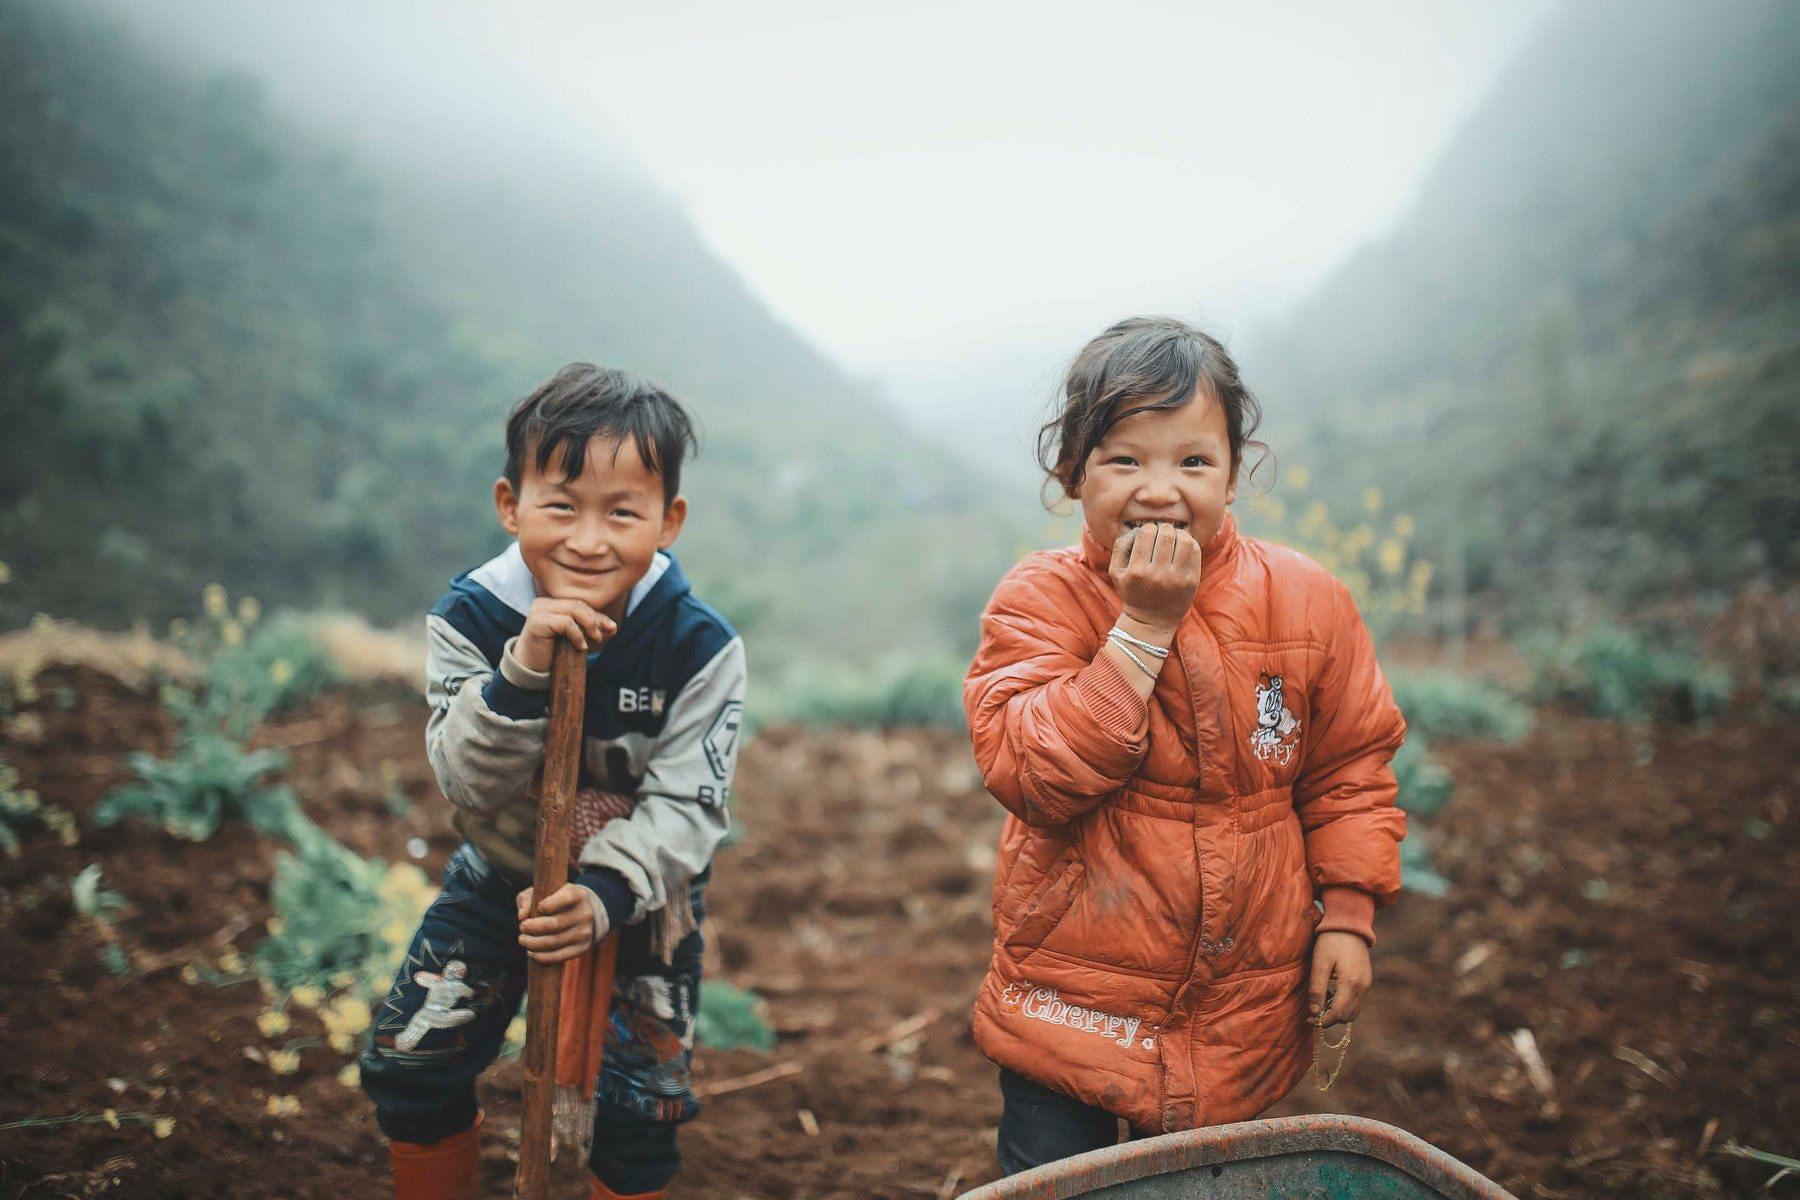 2 bé HMông cặm cụi cuốc đất, gieo hạt phụ bố mẹ và nụ cười khiến bao người tan chảy - Ảnh 2.